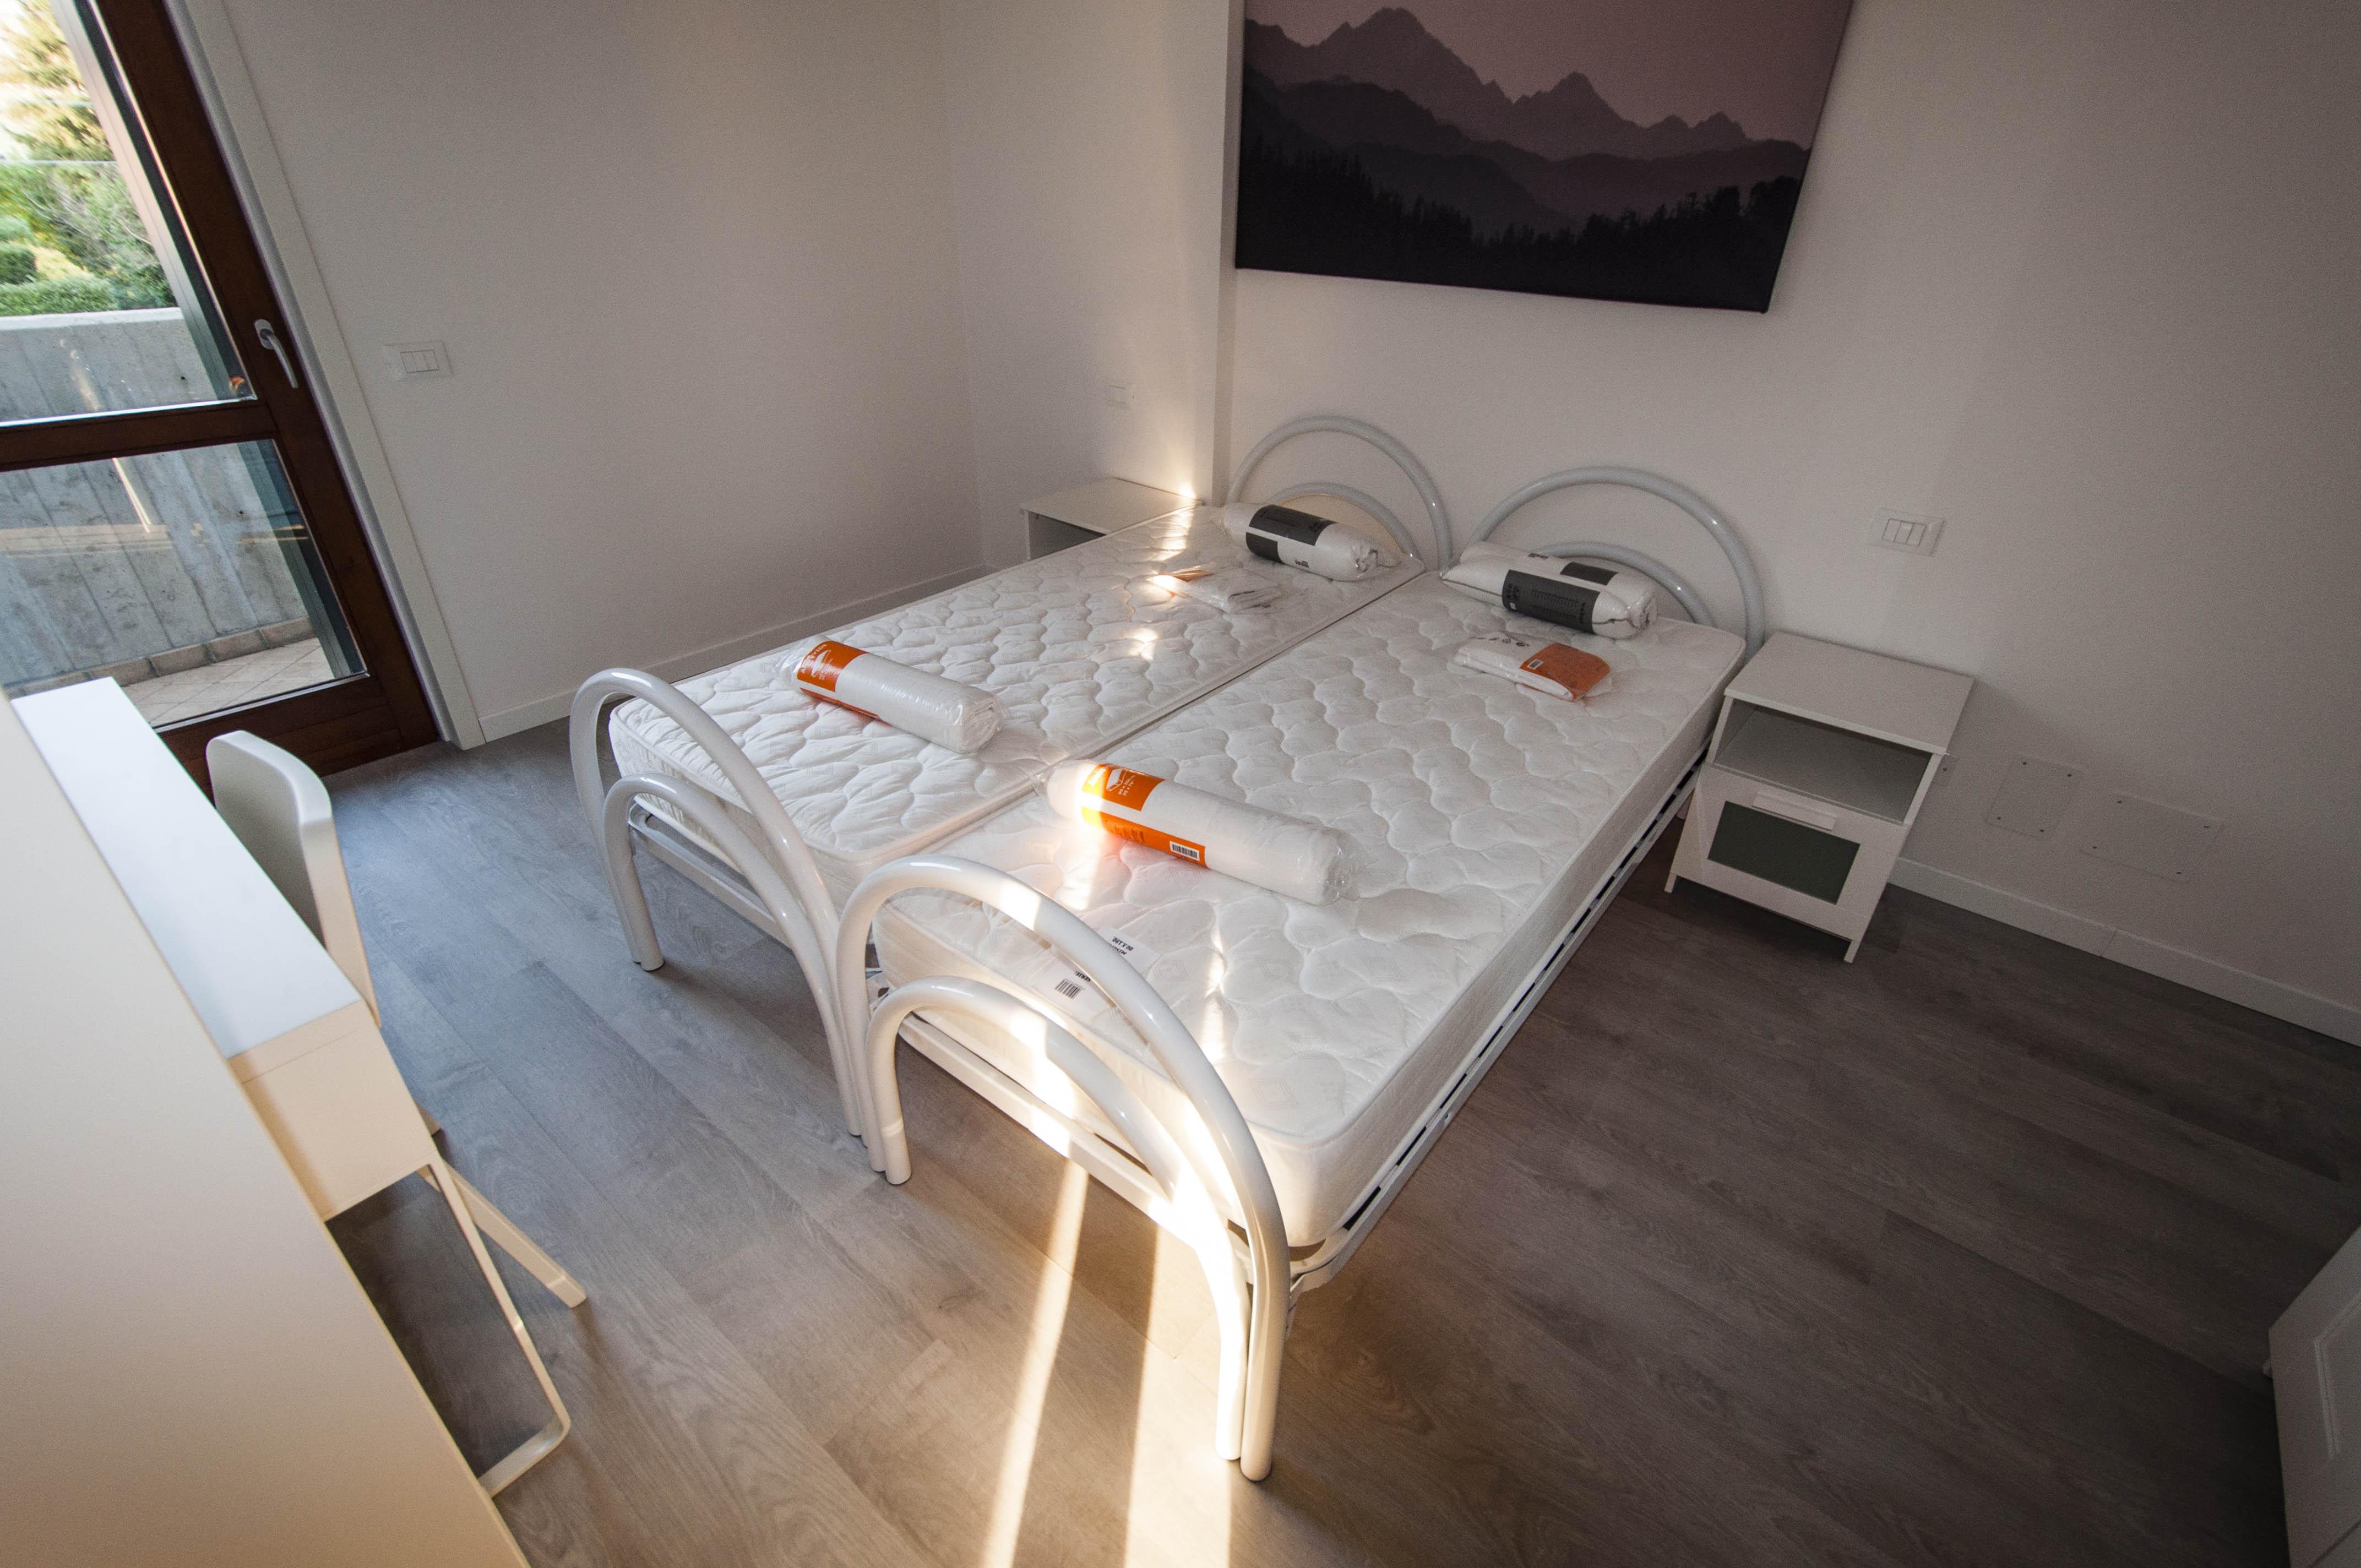 Camere-in-Affitto-Treviso-Villorba-Studio-Architettura-Zanatta-96